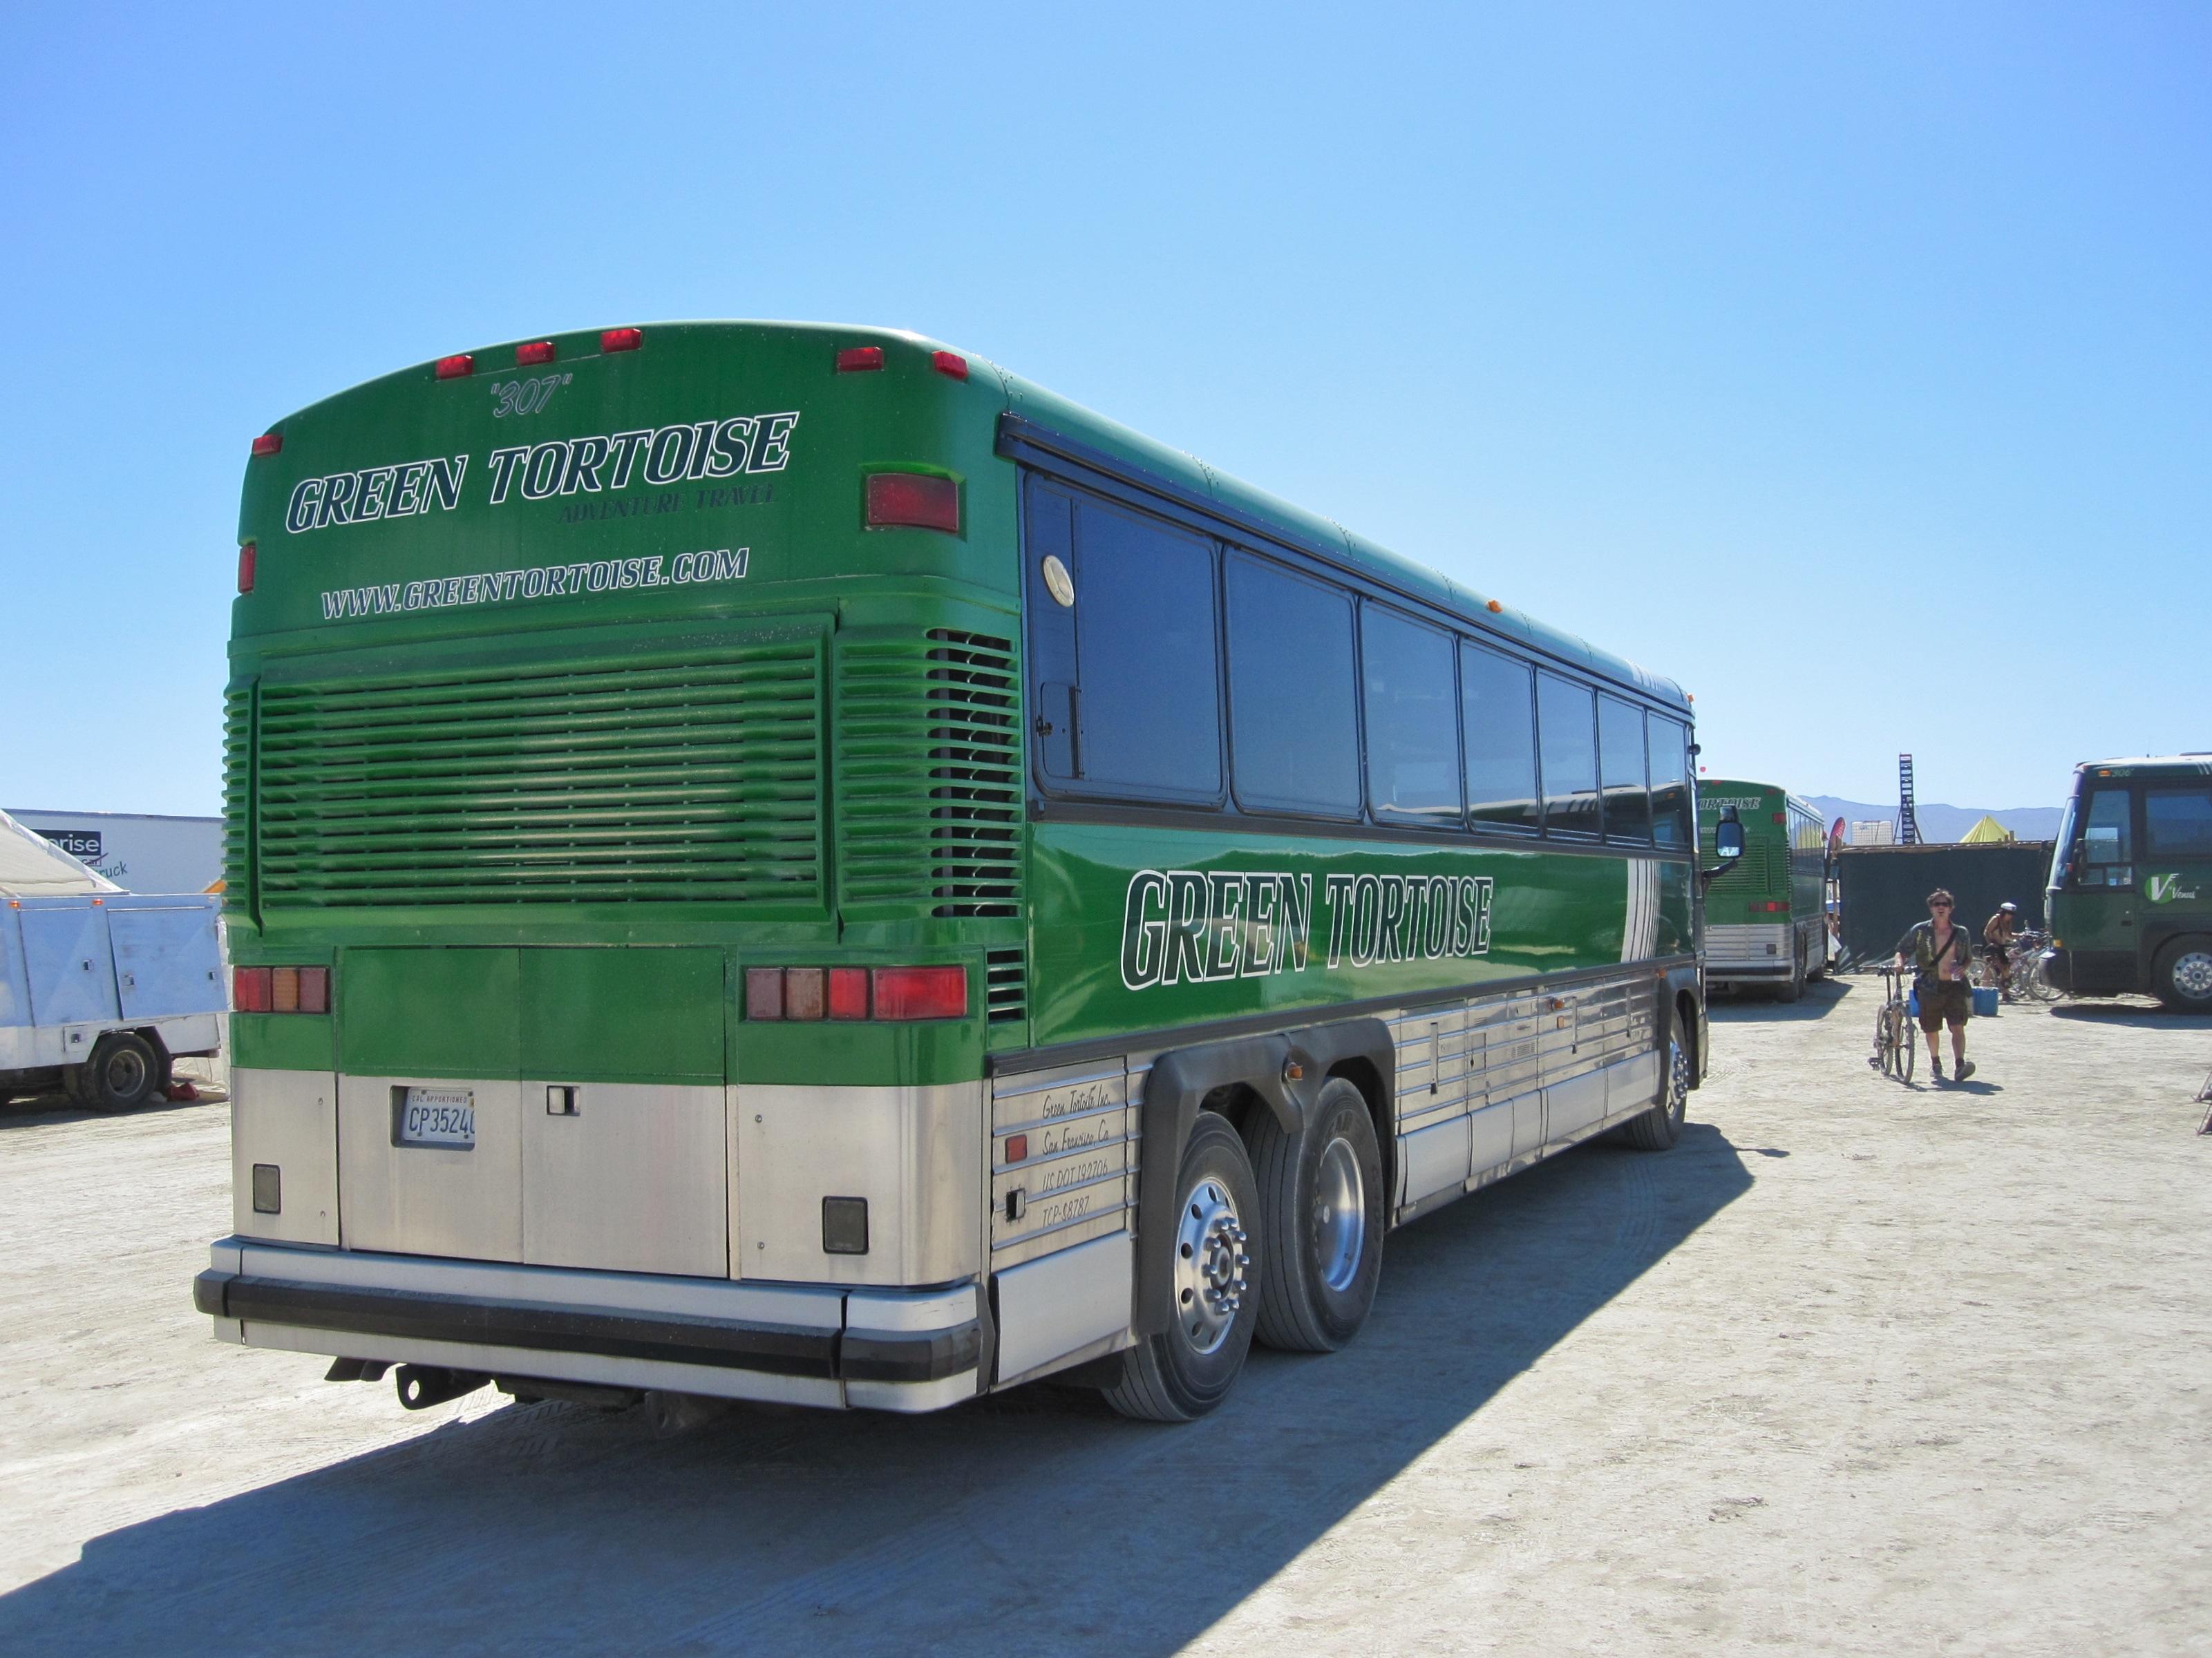 Golden Tours Bus Route